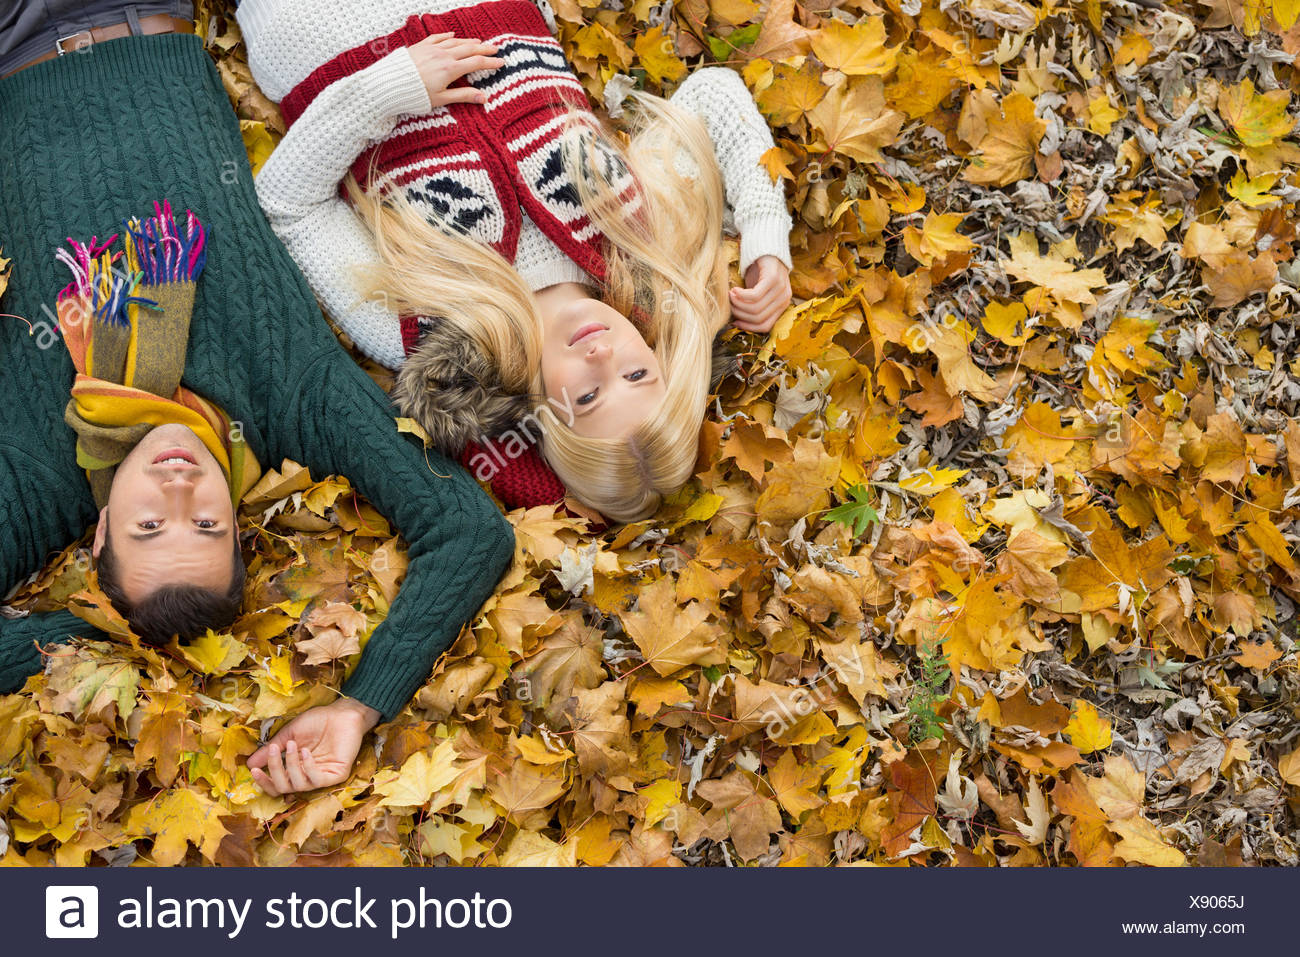 Ángulo alto retrato de pareja joven acostado en hojas de otoño en el parque Imagen De Stock